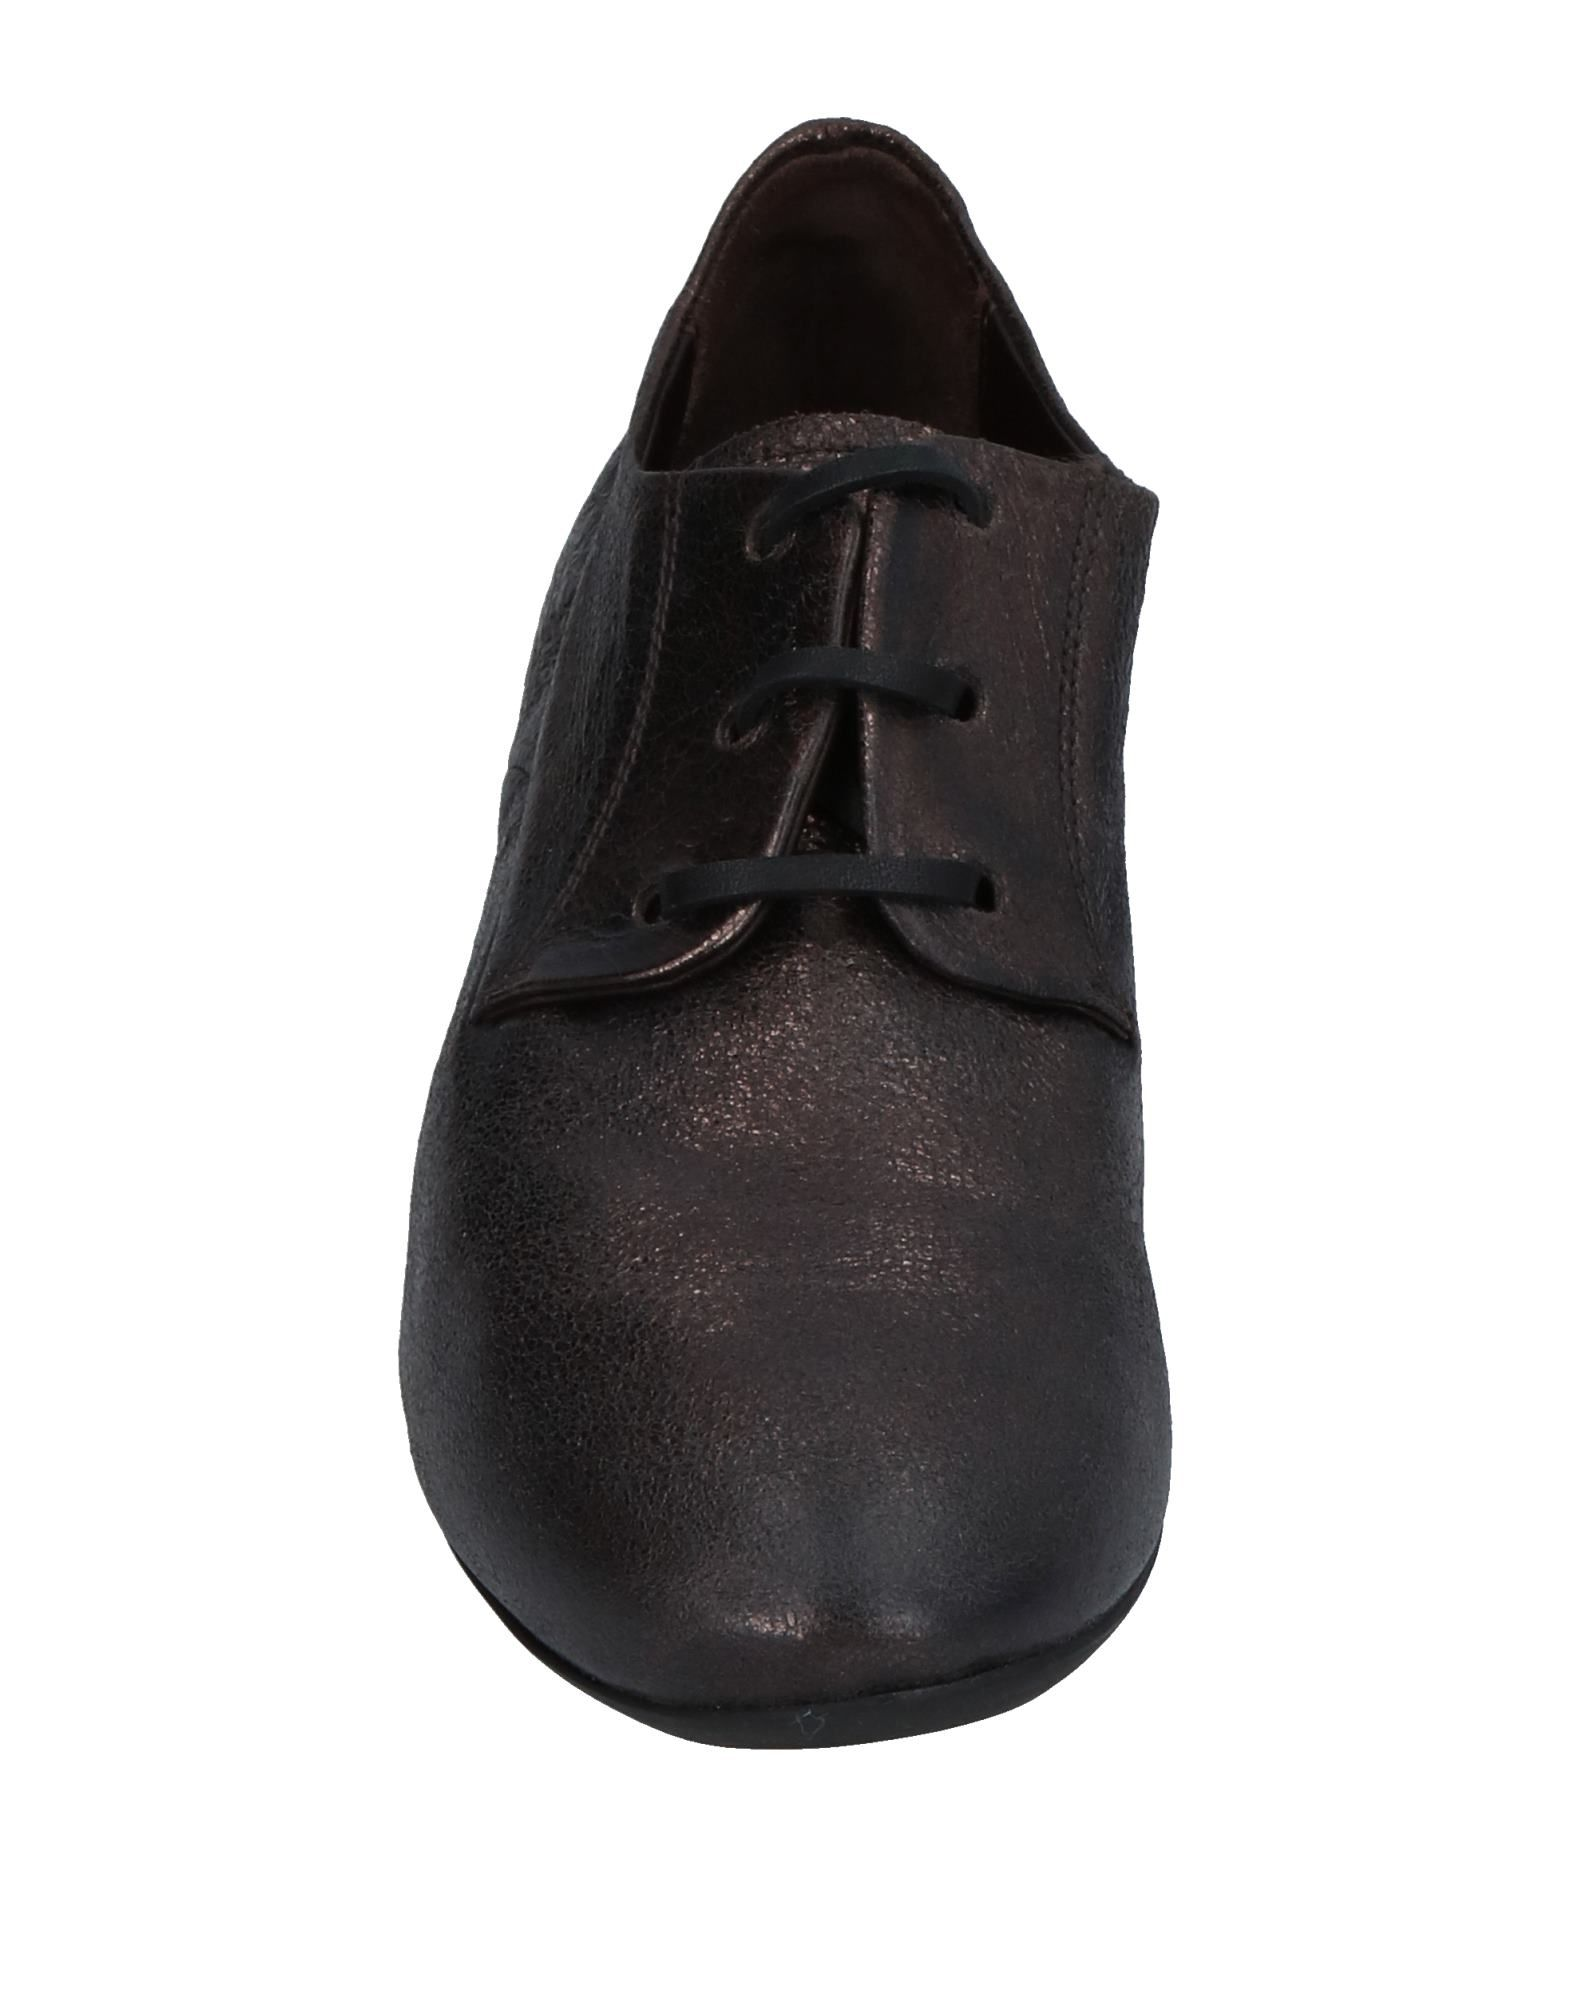 Chaussures À Lacets Halmanera For Riccardo Cartillone Femme - Chaussures À Lacets Halmanera For Riccardo Cartillone sur